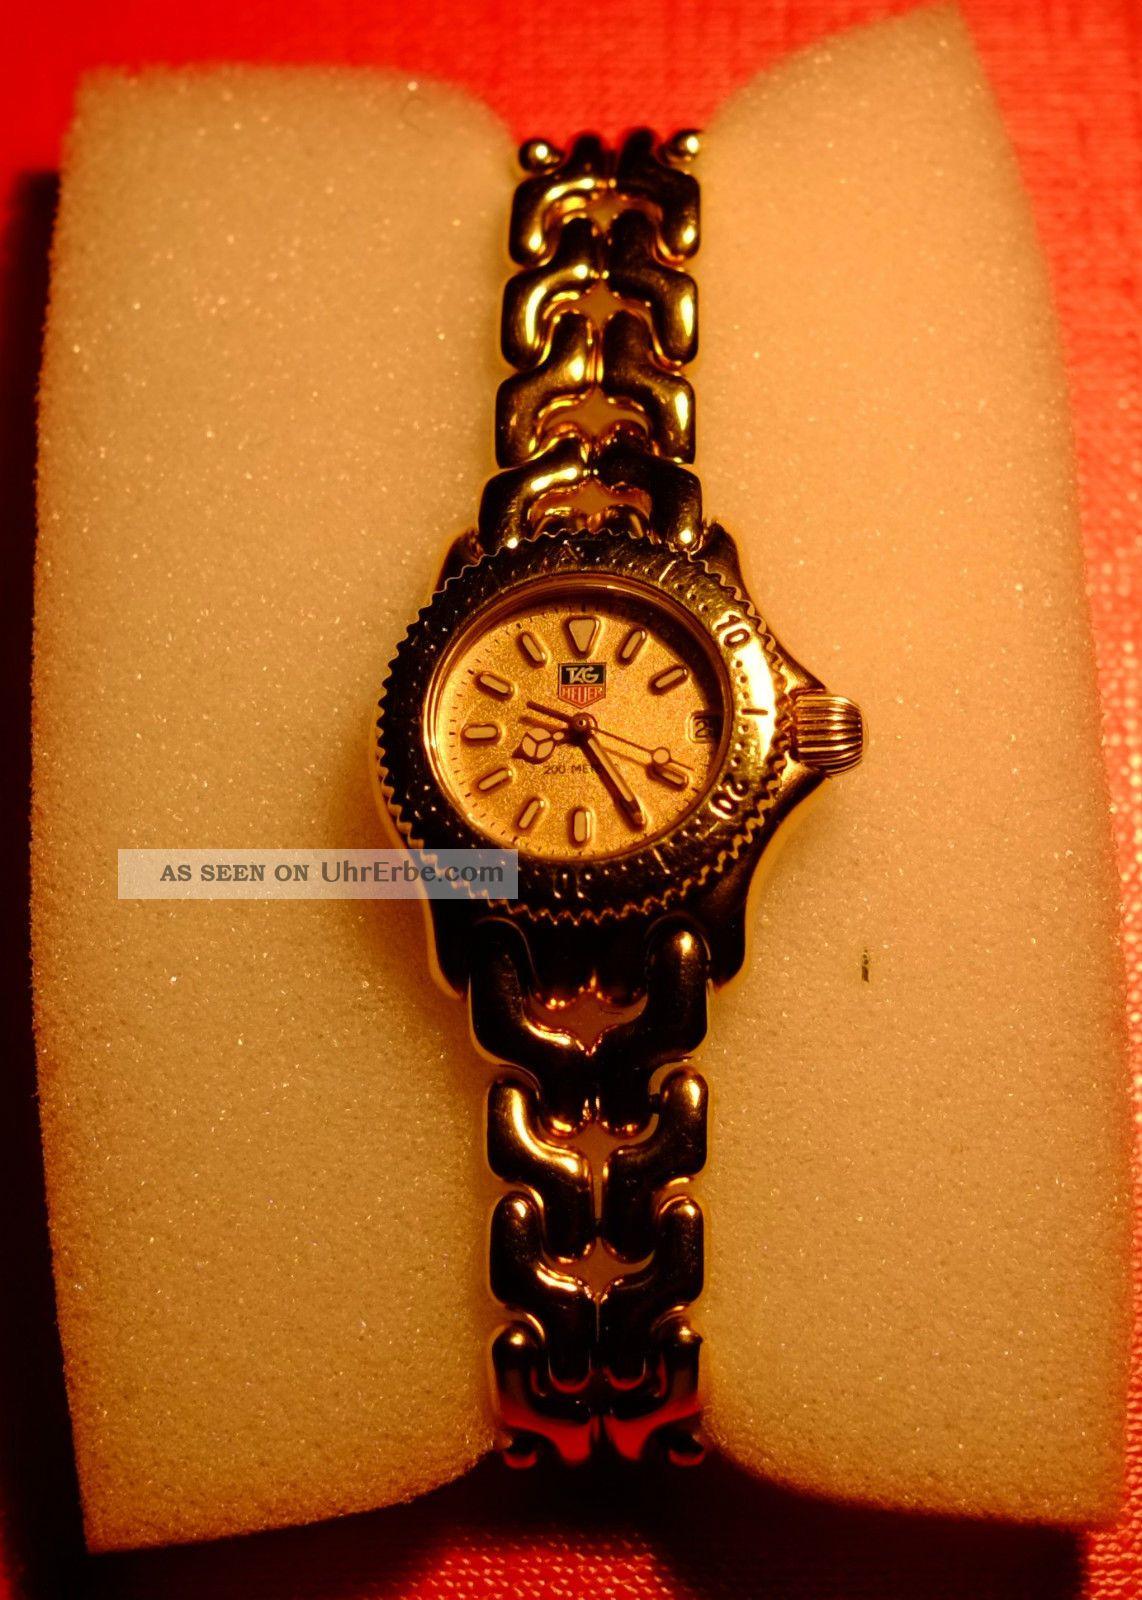 Tag Heuer Damenuhr Vergoldet,  Mit Service Vom 16.  12.  2014,  Machen Sie Ein Angebot Armbanduhren Bild